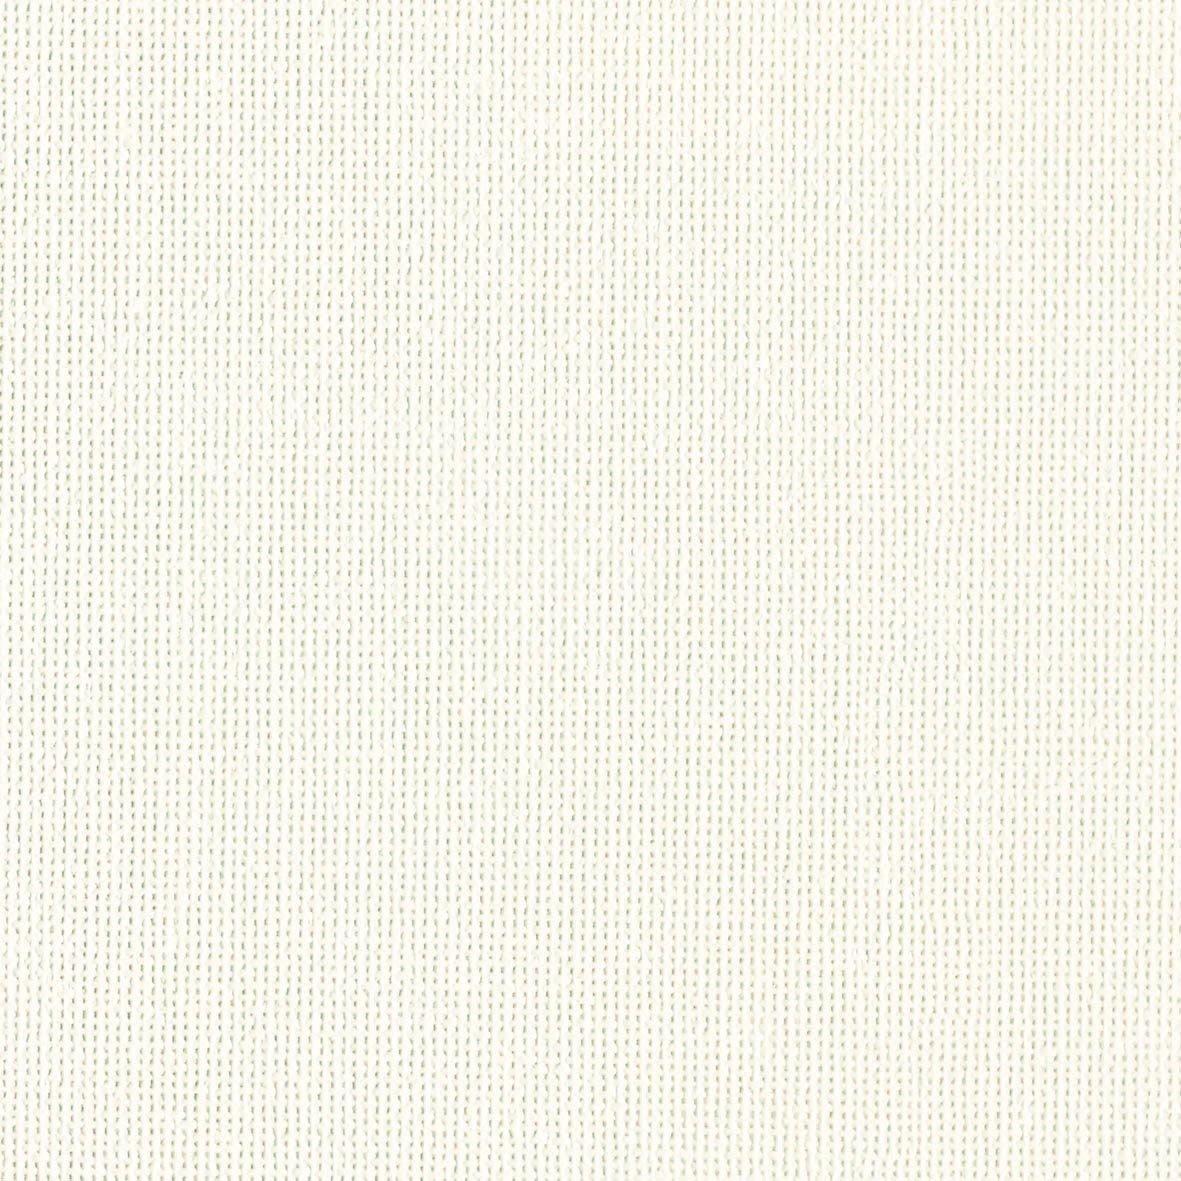 リリカラ 壁紙23m シンフル 織物調 ベージュ 撥水トップコートComfort Selection-Basic & Color- LW-2256 B07613YM9H 23m|ベージュ1